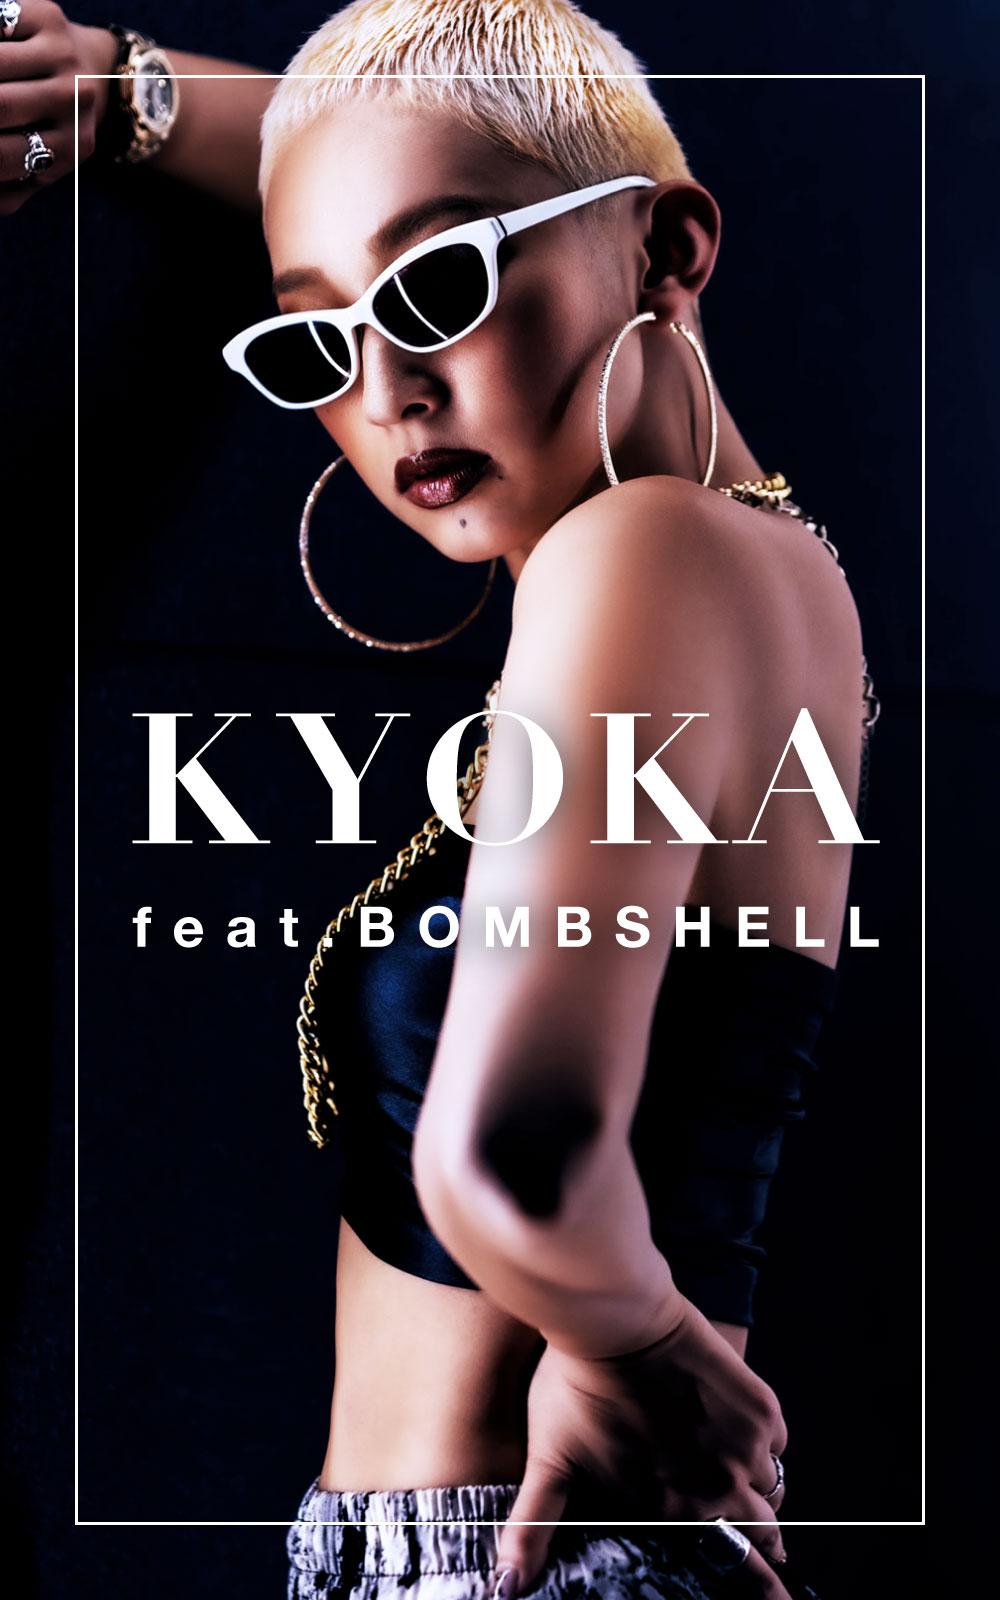 ダンス衣装通販のボムシェル[bombshell]・kyoka-01-01